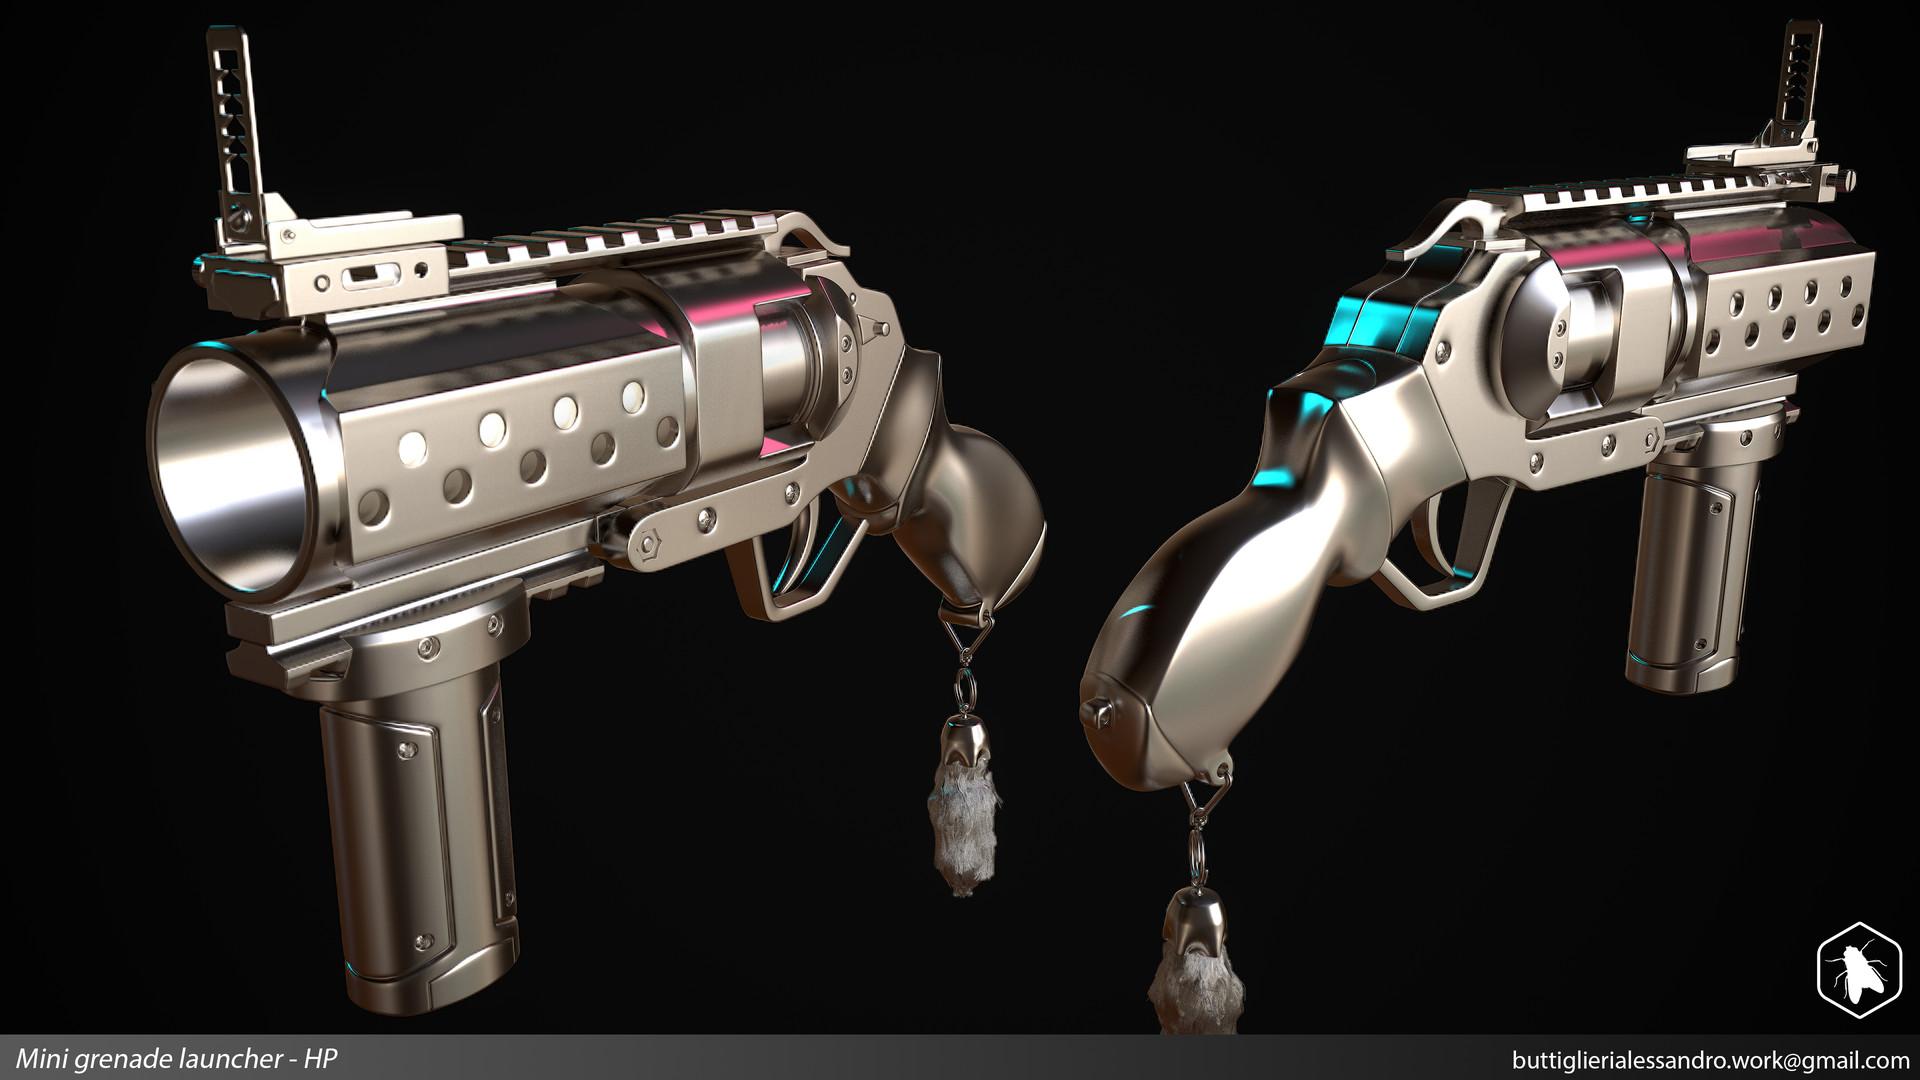 Alessandro buttiglieri mini grenade launcher hp